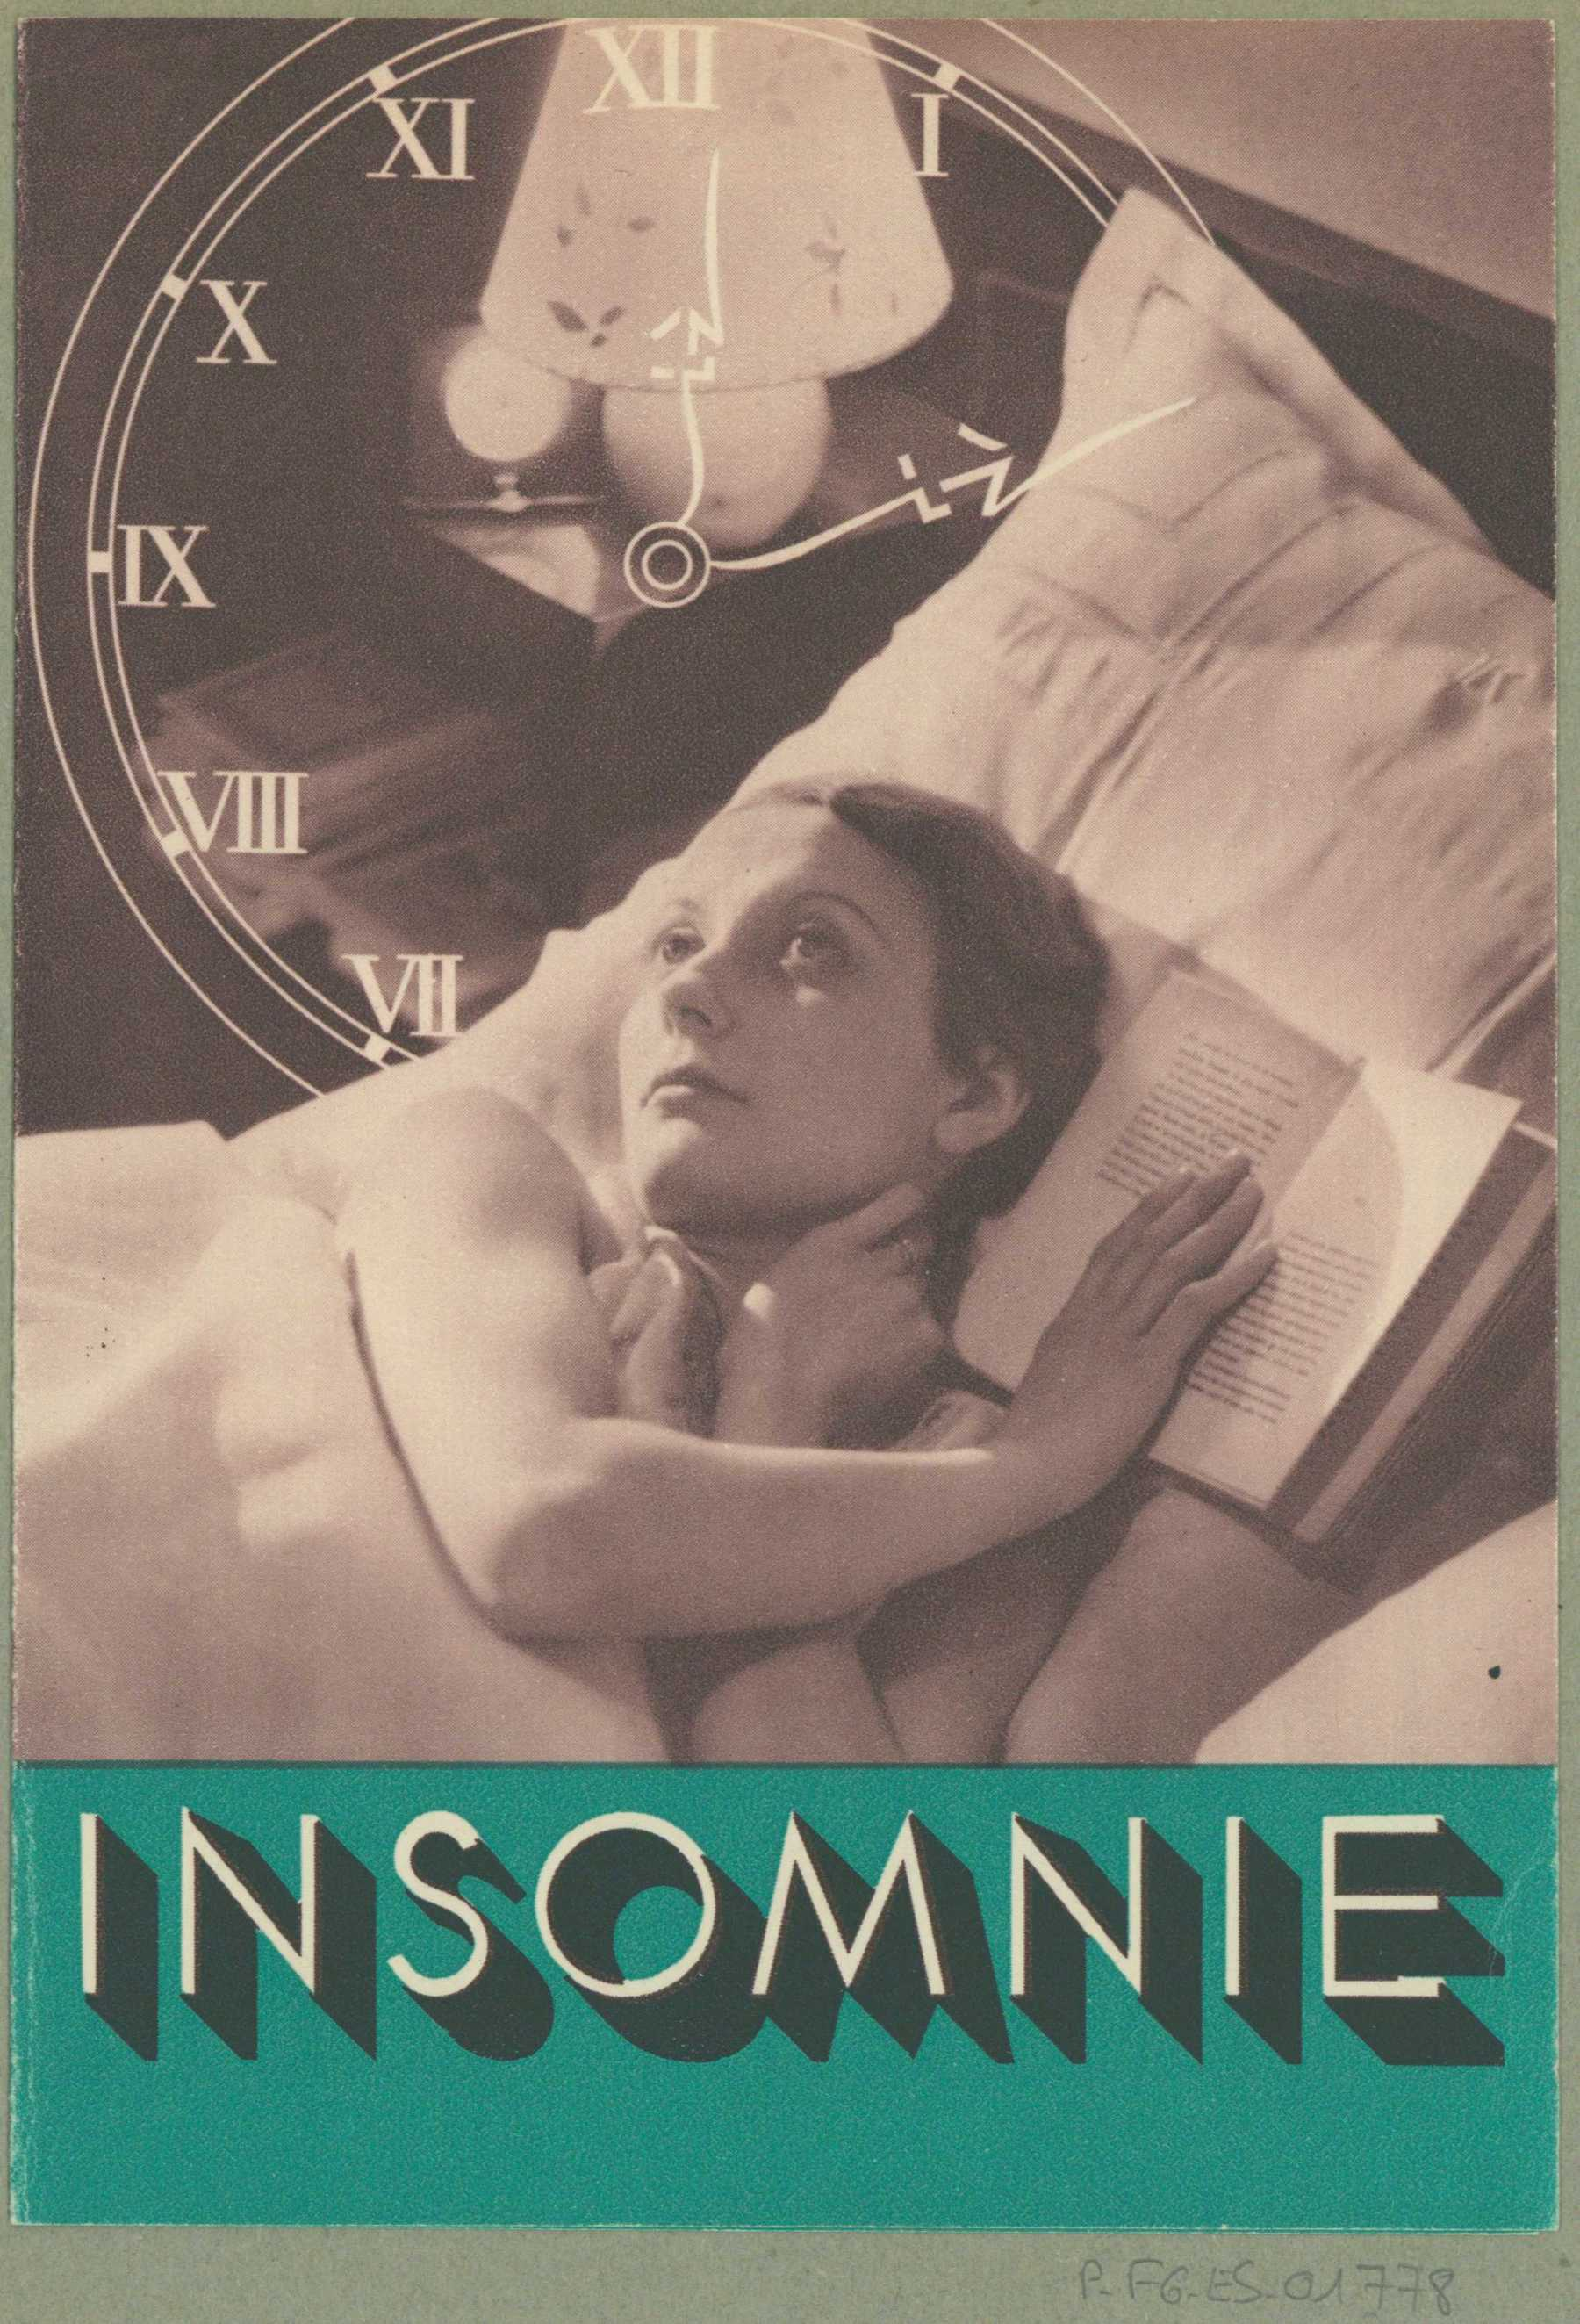 Contenu du Insomnie